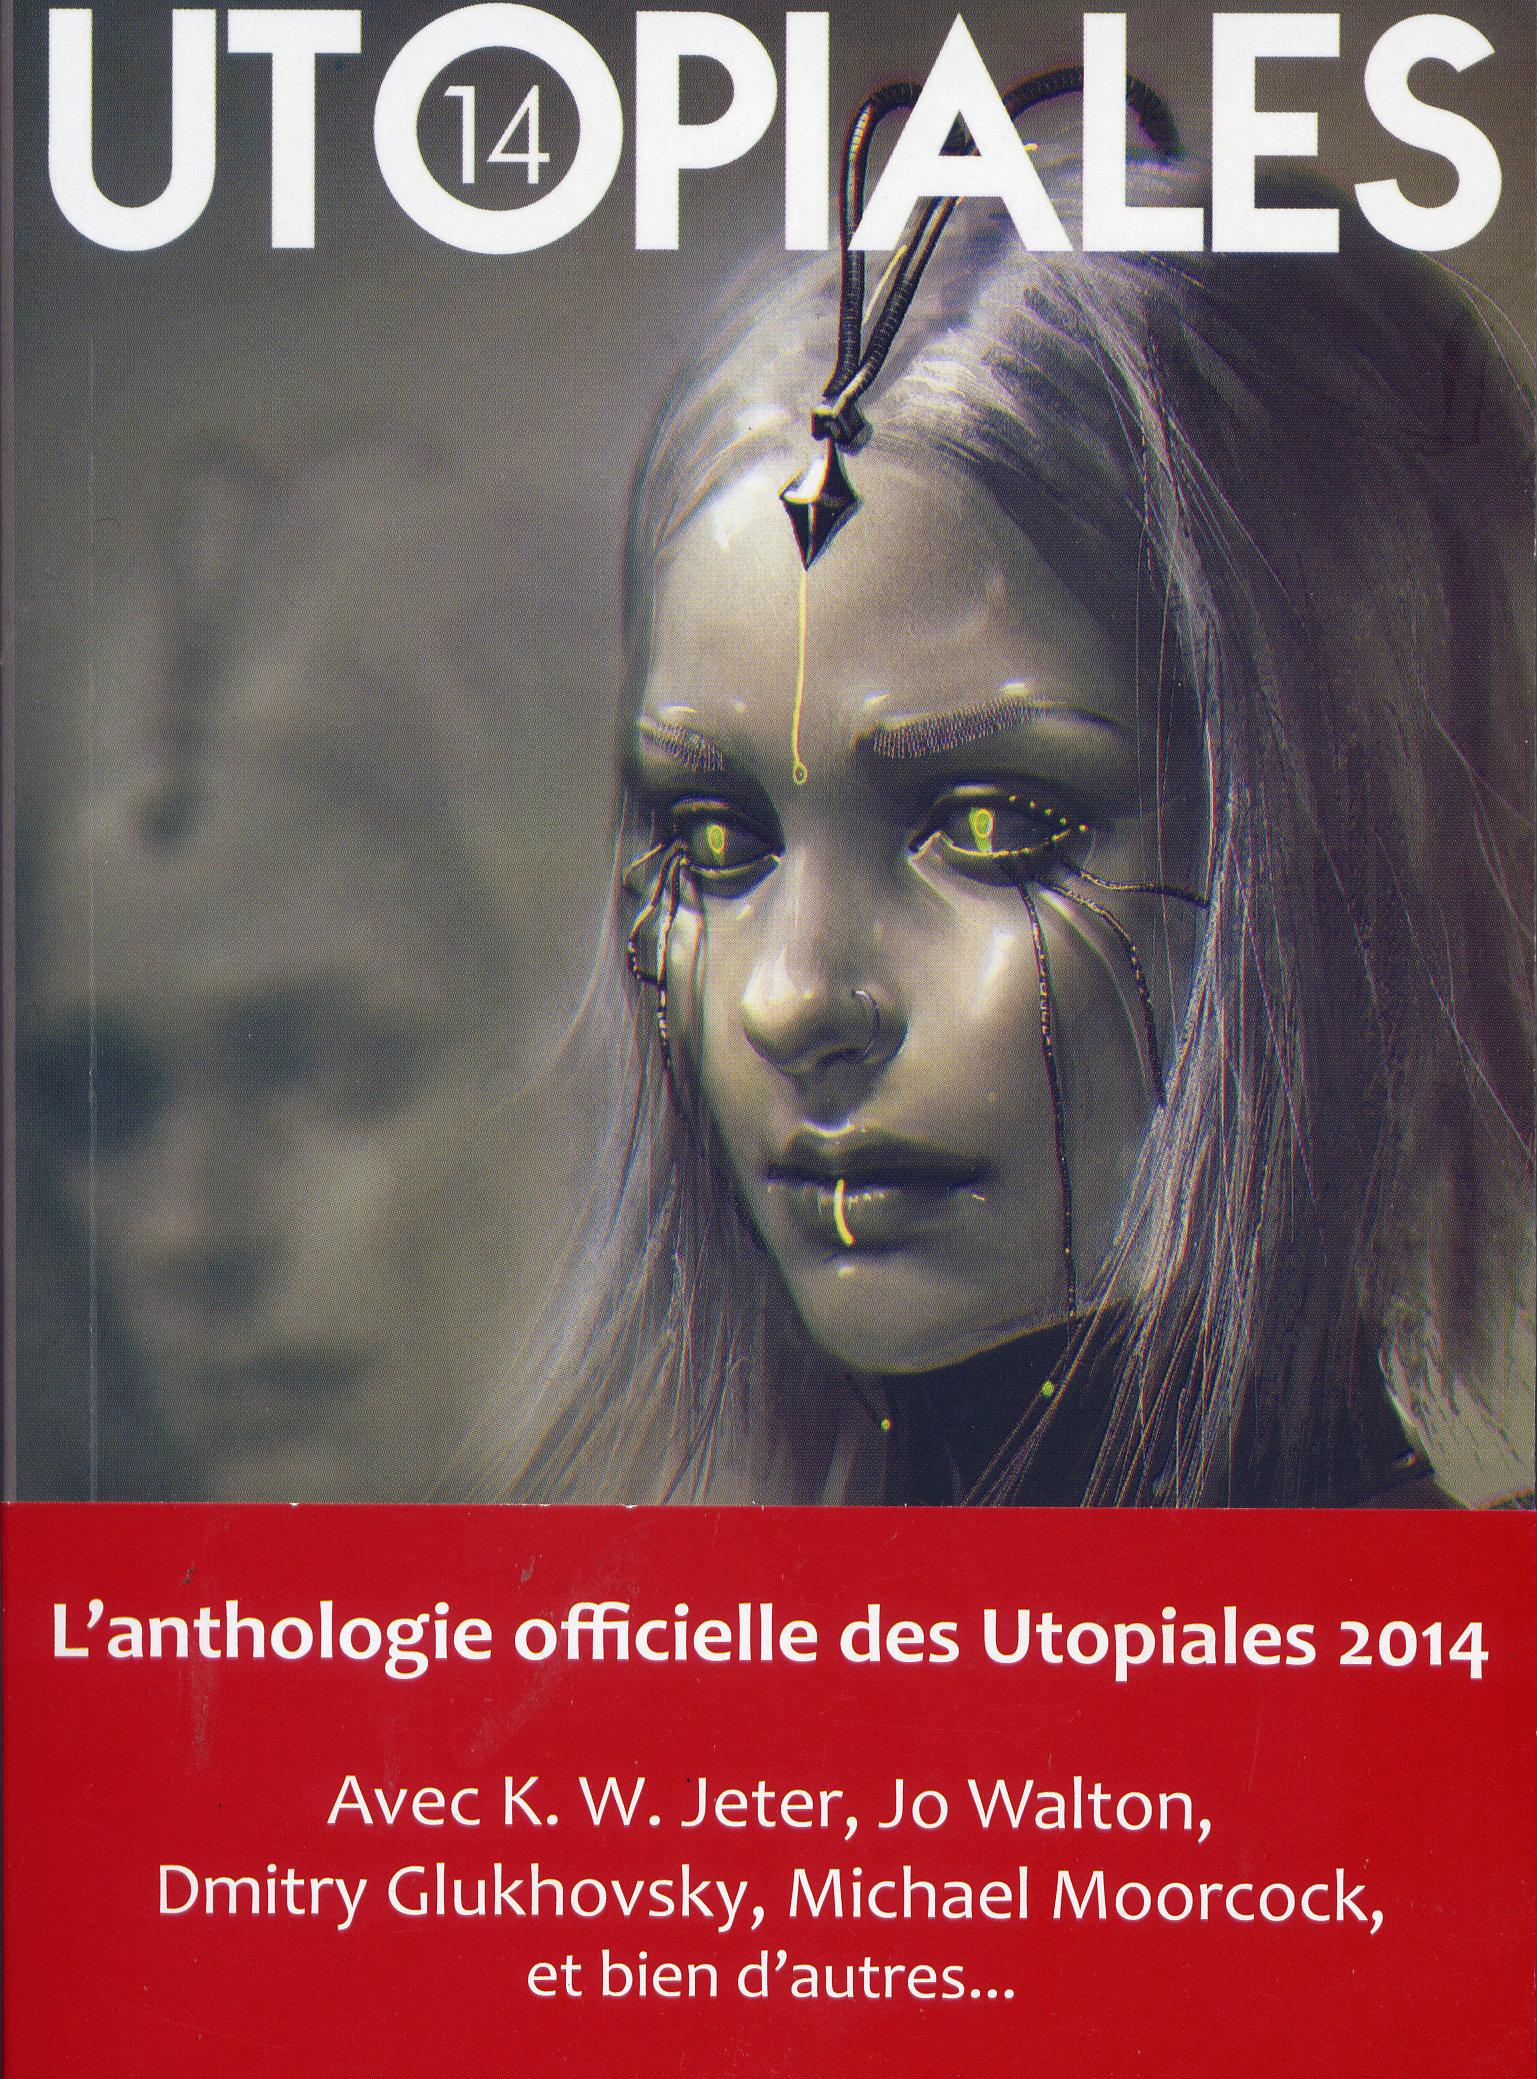 Utopiales 14